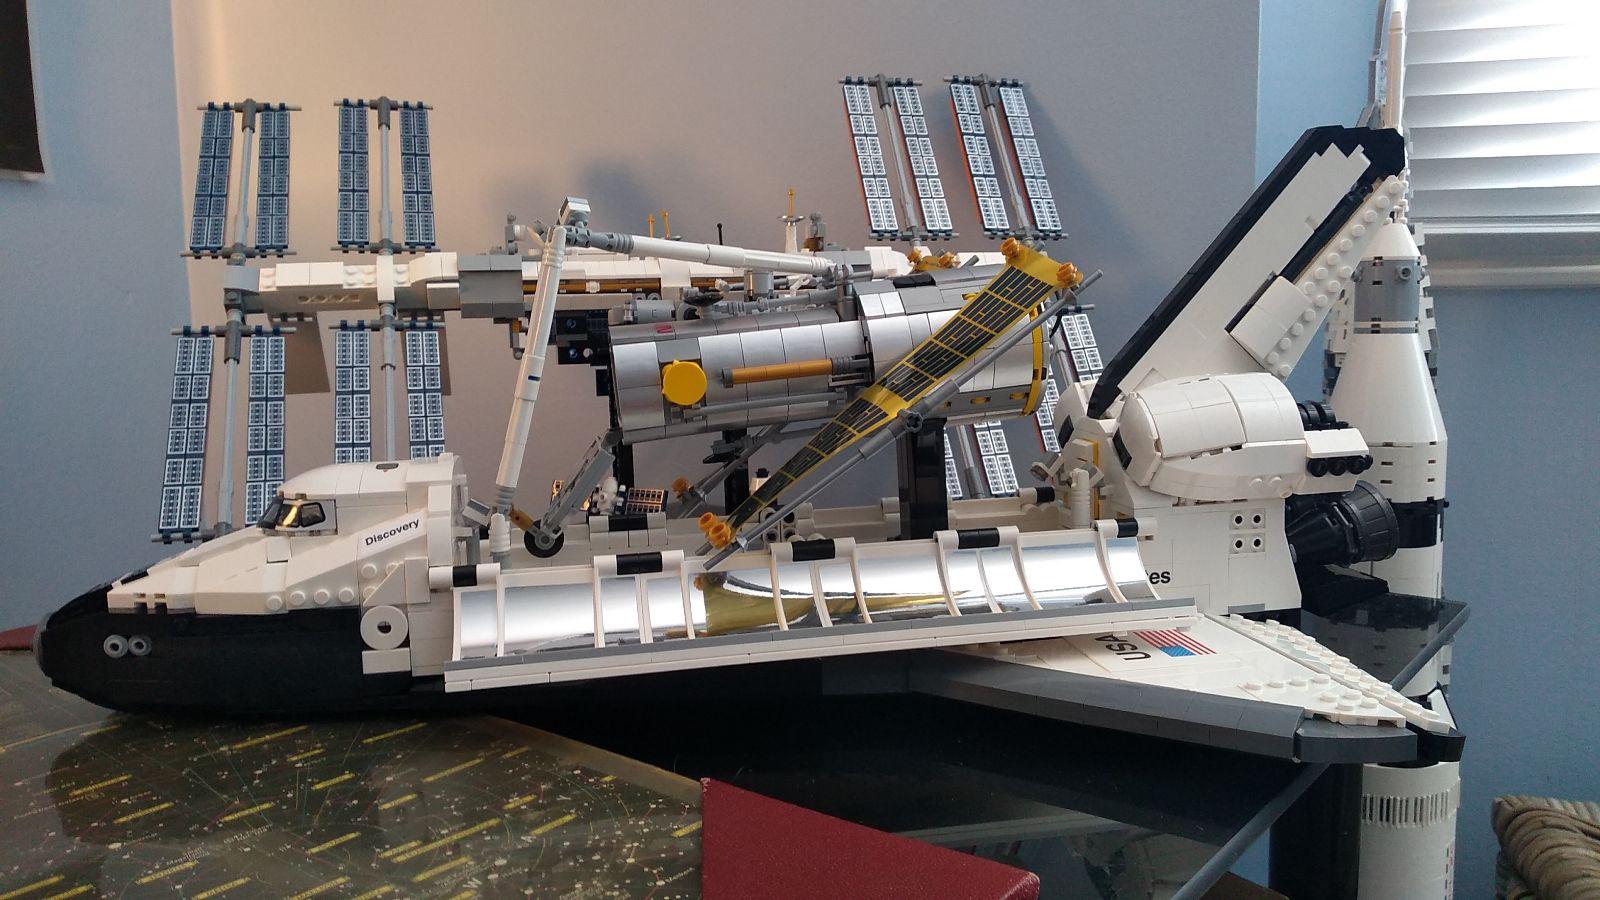 L'ensemble de découverte de la navette spatiale de la NASA de Lego est le rêve de tout geek de l'espace.